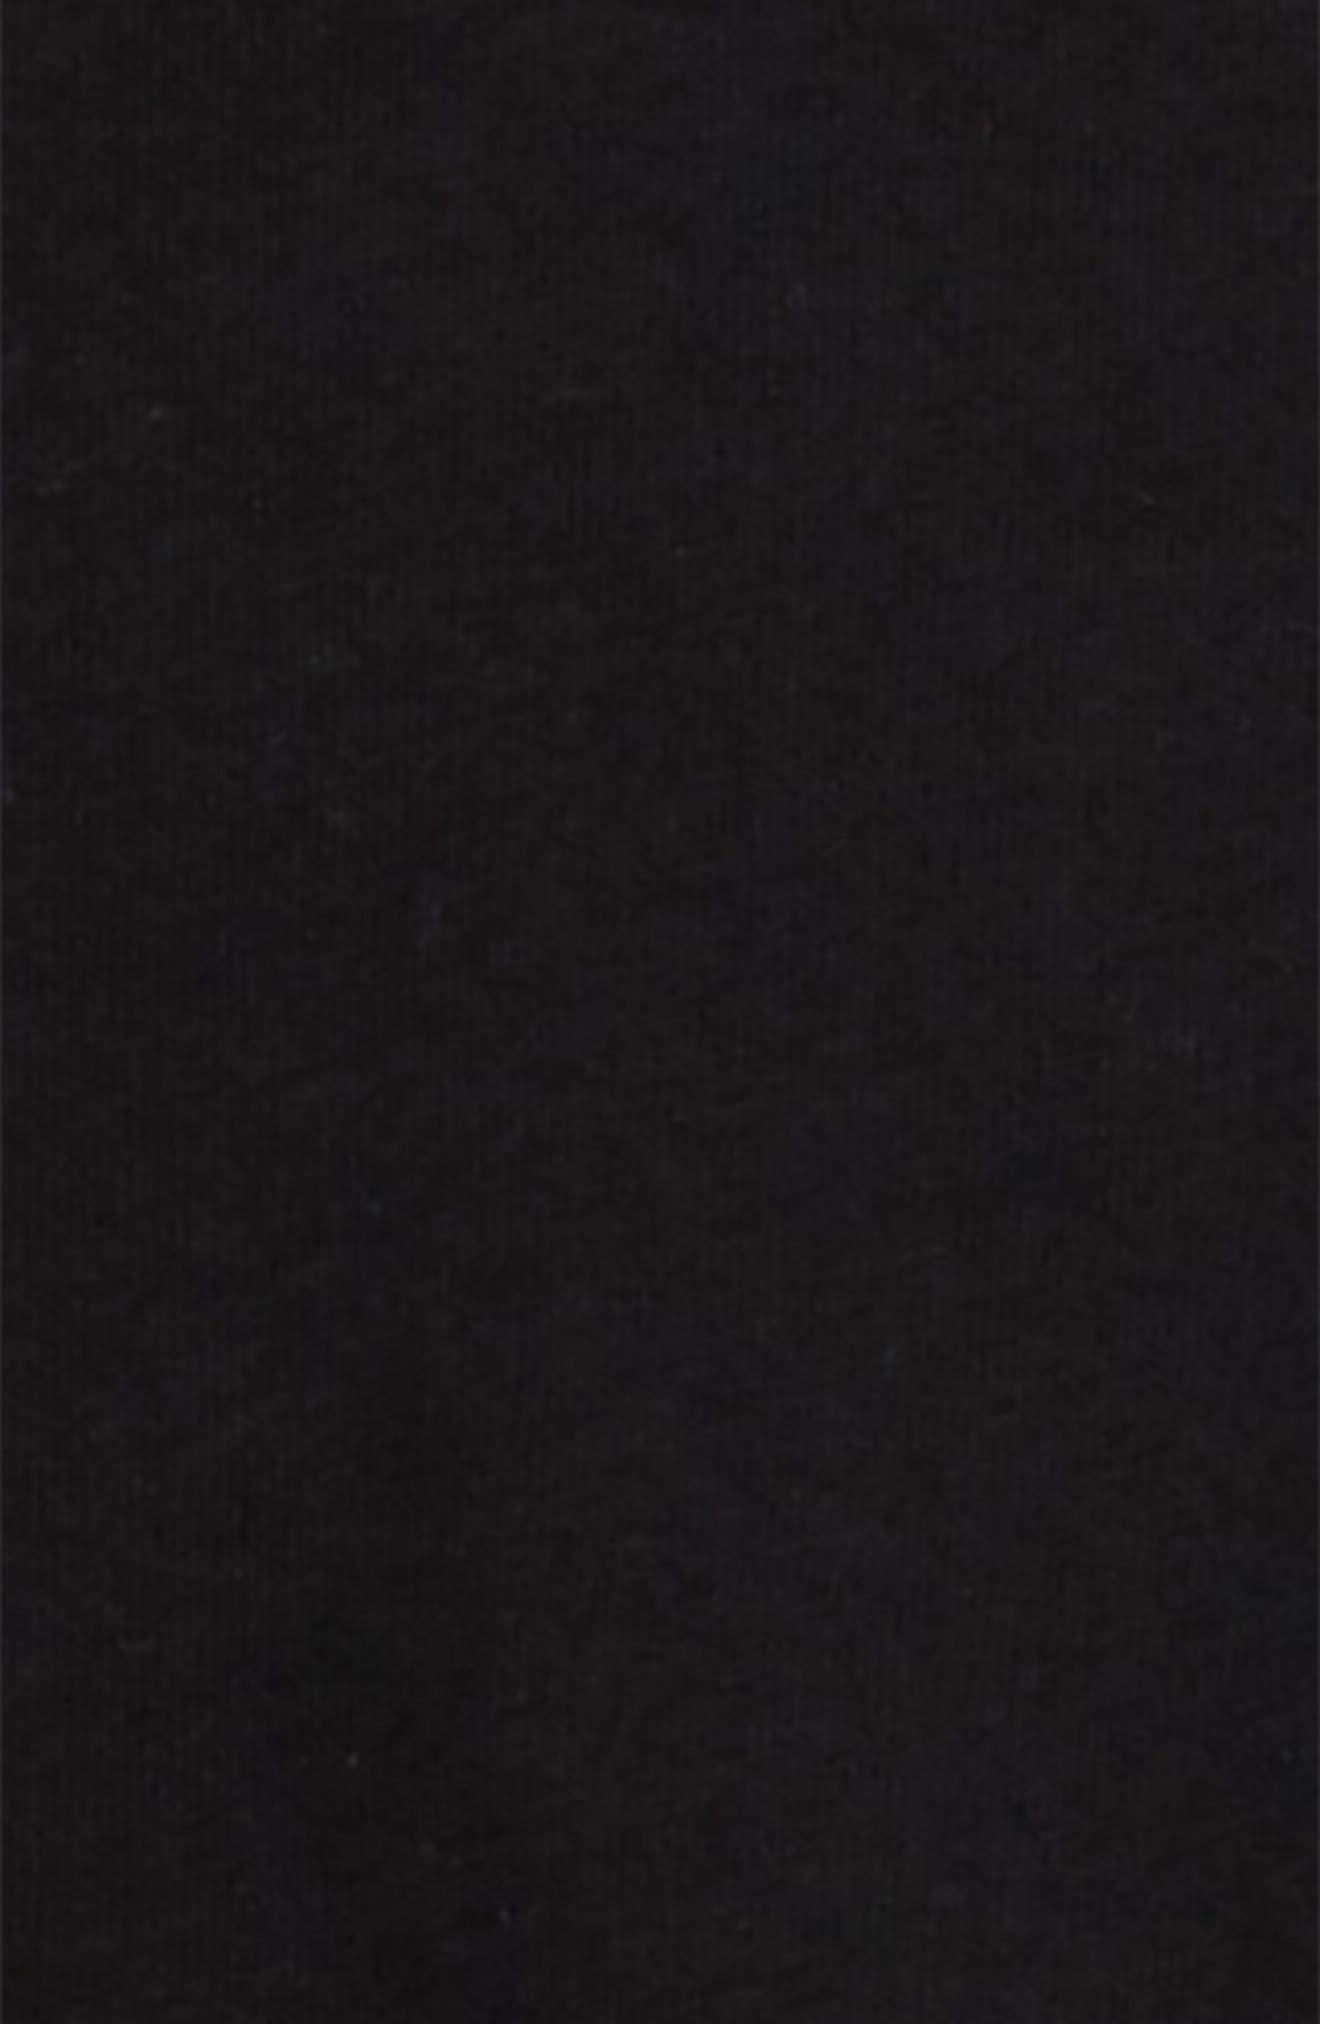 Colorblock Top & Pants Set,                             Alternate thumbnail 3, color,                             BLACK